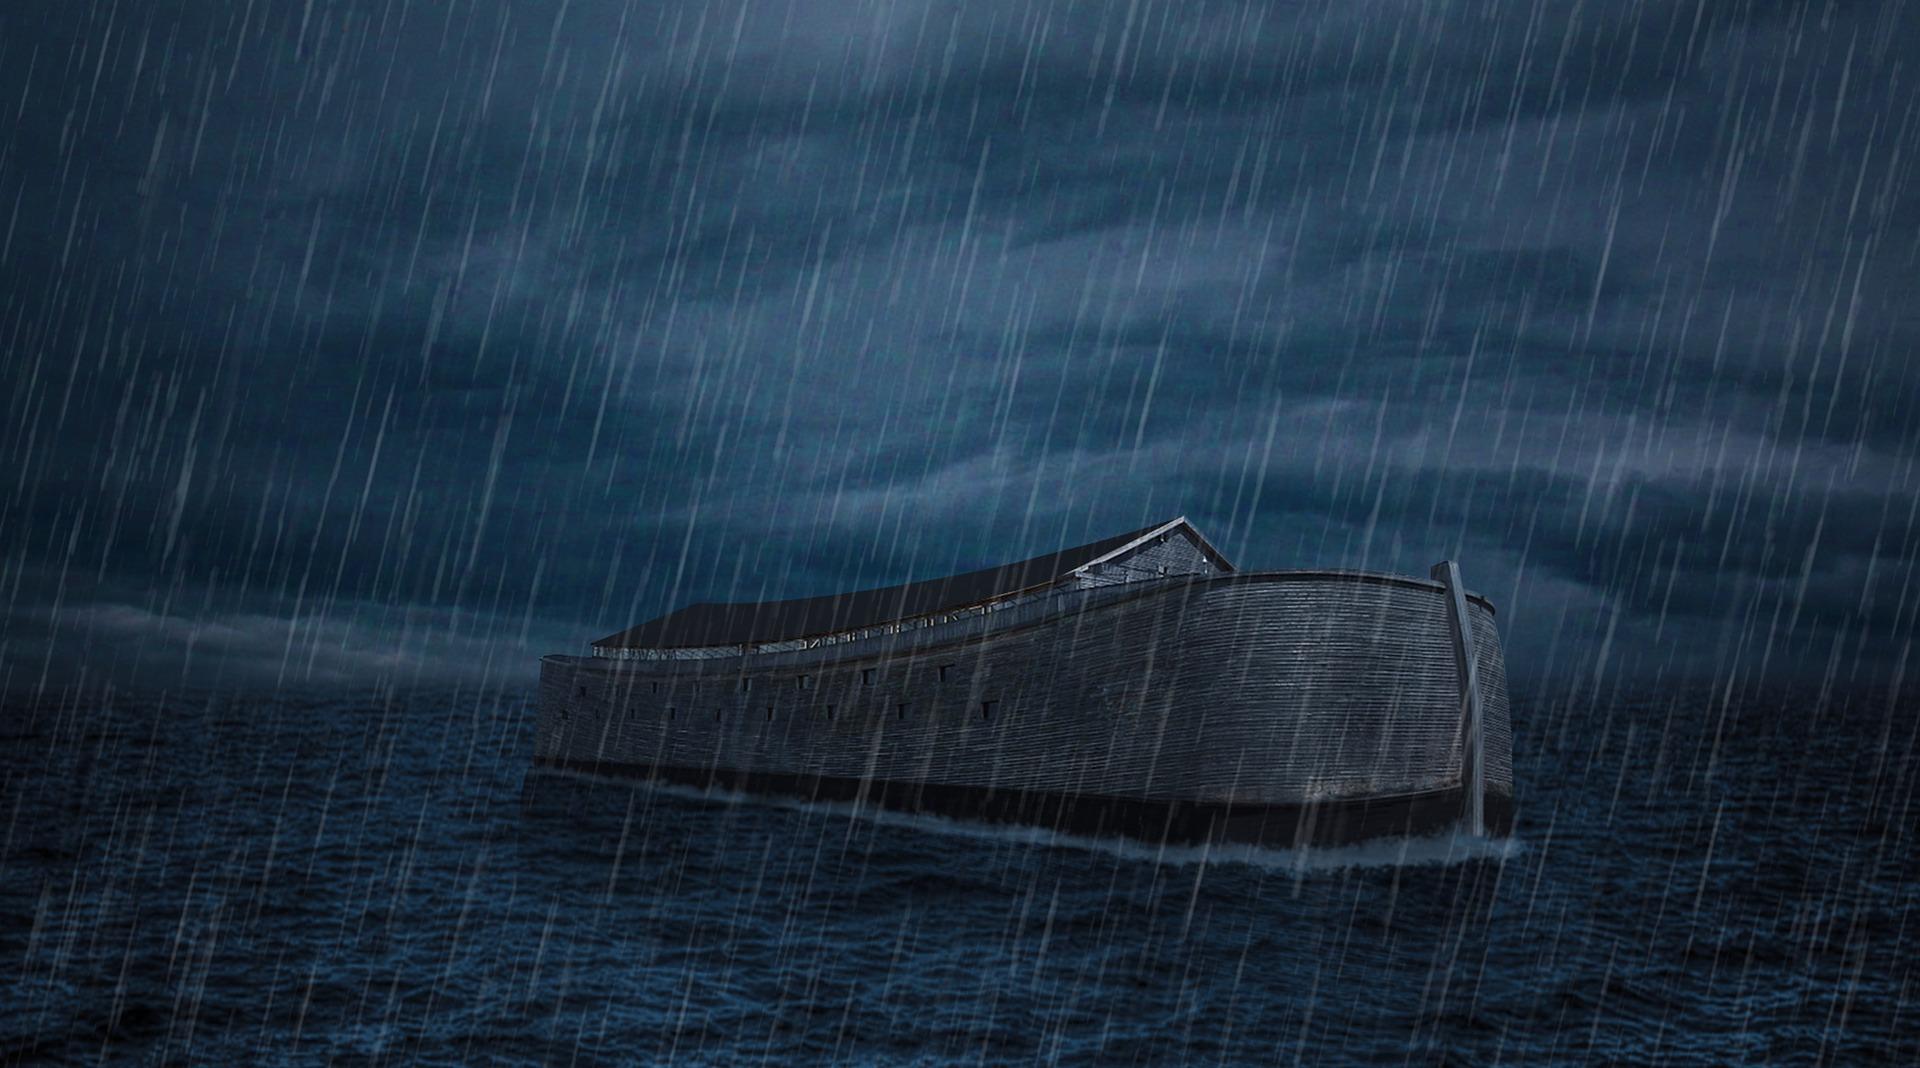 水上を漂うノアの箱舟